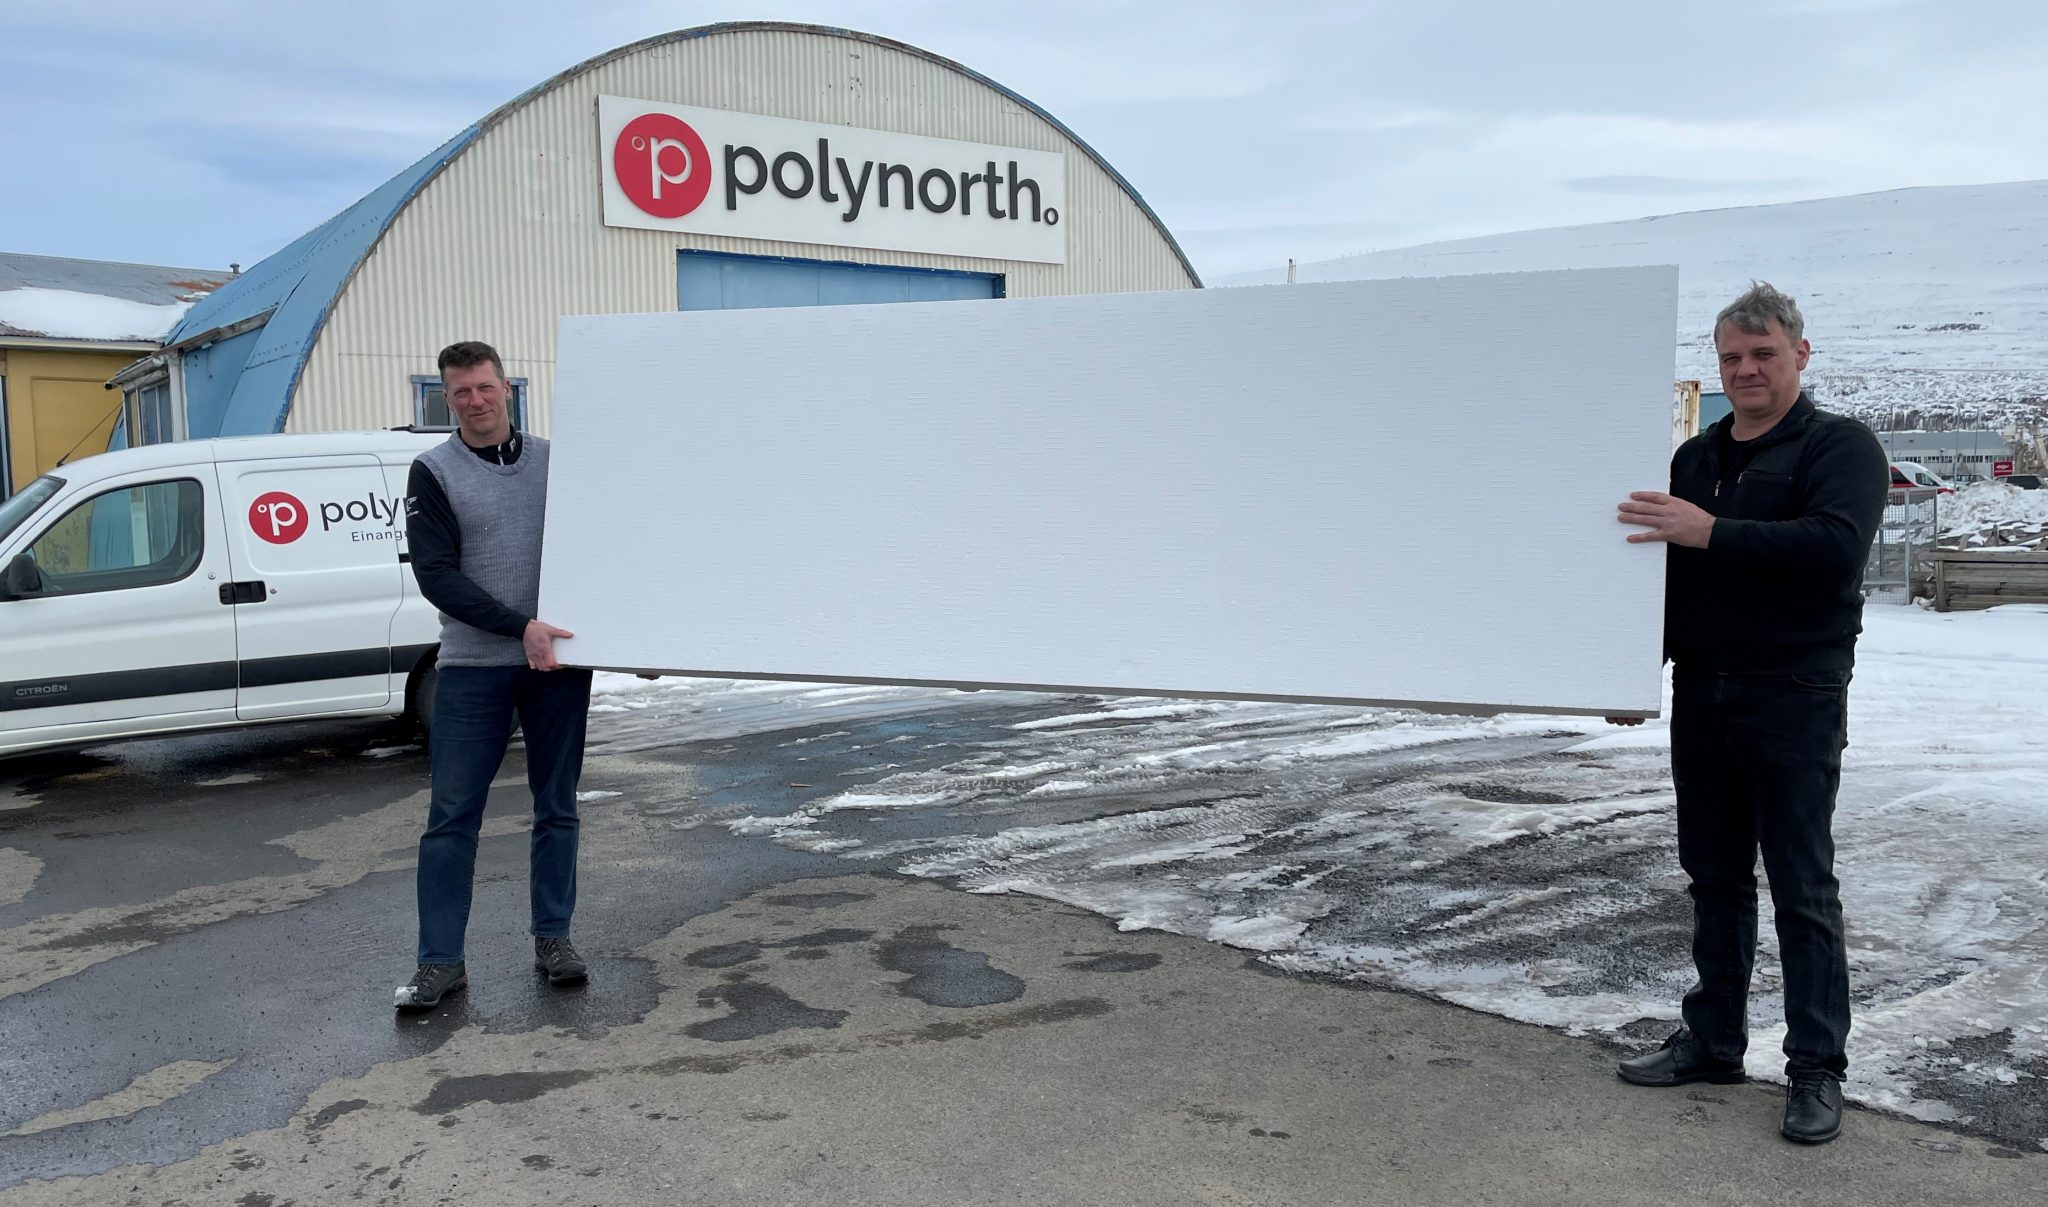 Nýir eigendur taka við rekstri Polynorth á Akureyri